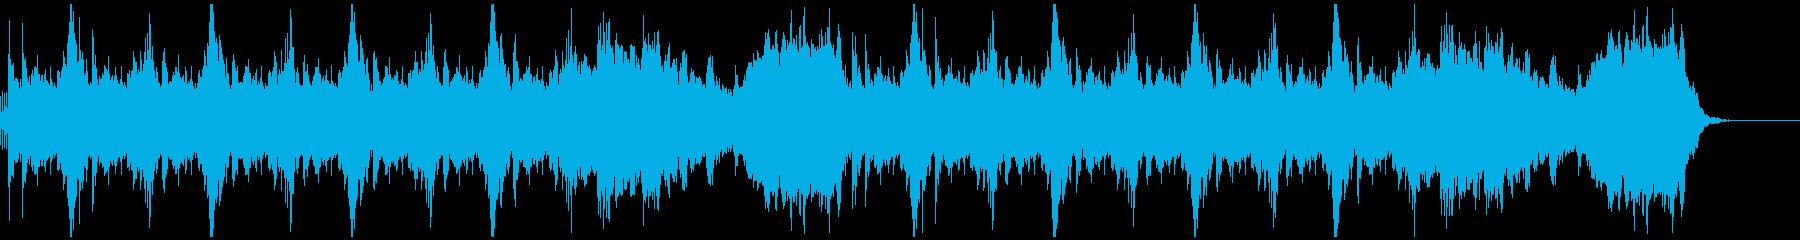 勢いのあるセレクト(選択)画面風サウンドの再生済みの波形